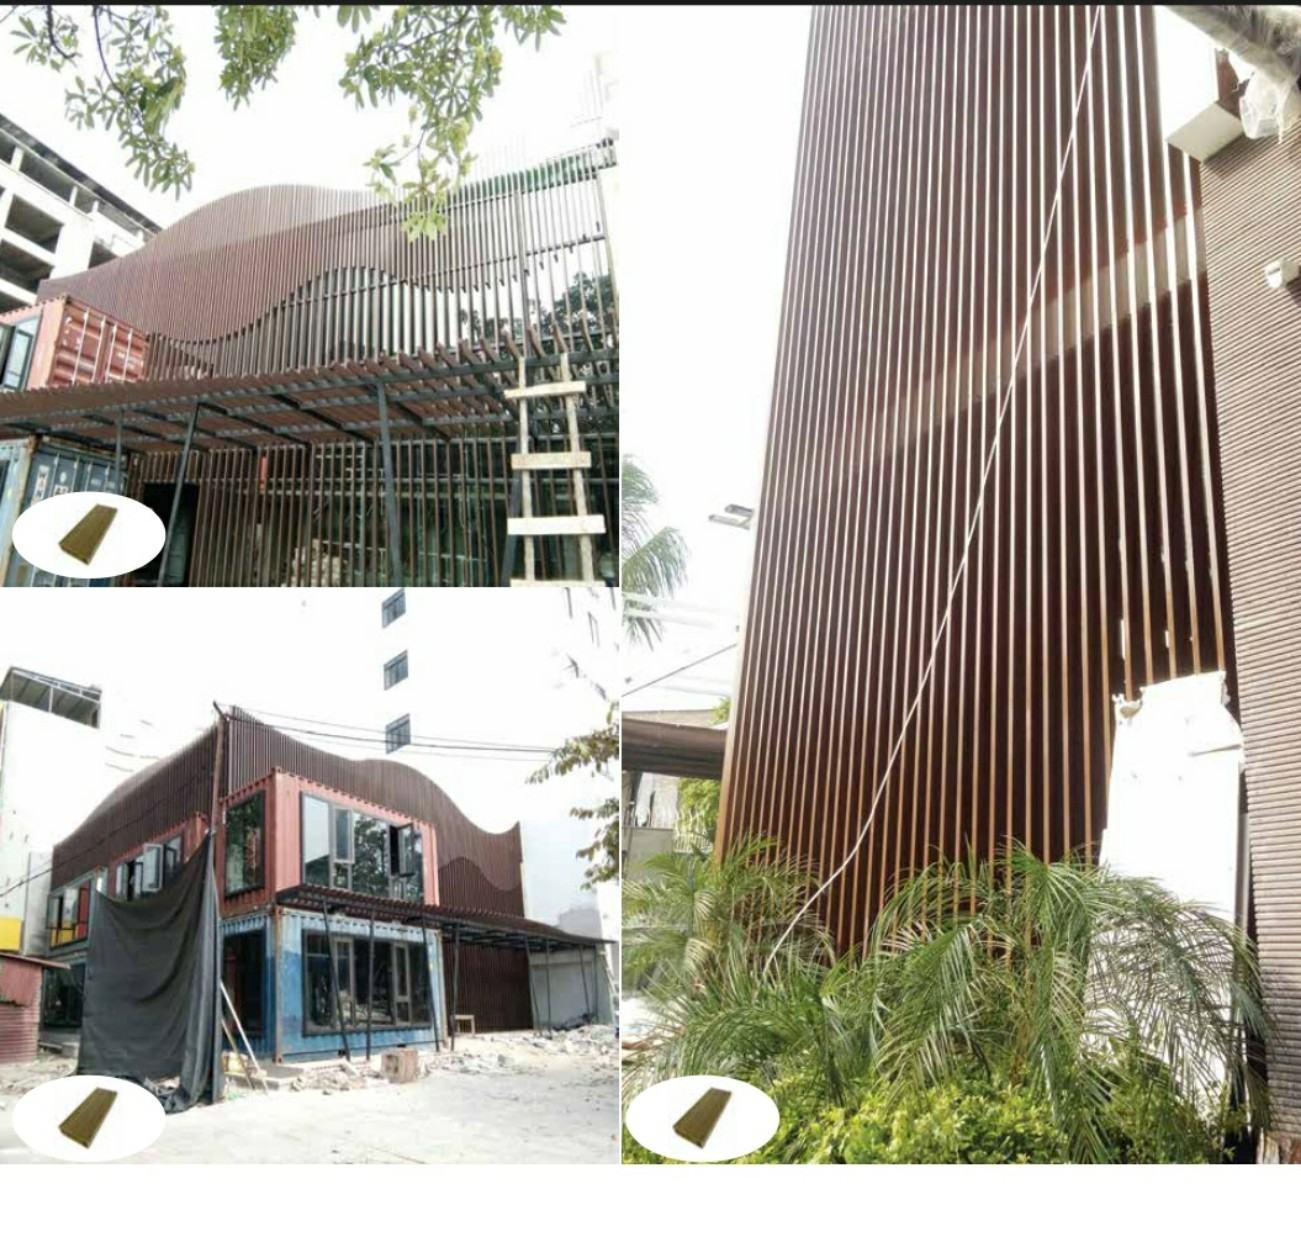 Giải pháp cho mùa hé nóng bức - Lam che nắng gỗ nhựa composite ngoài công trình